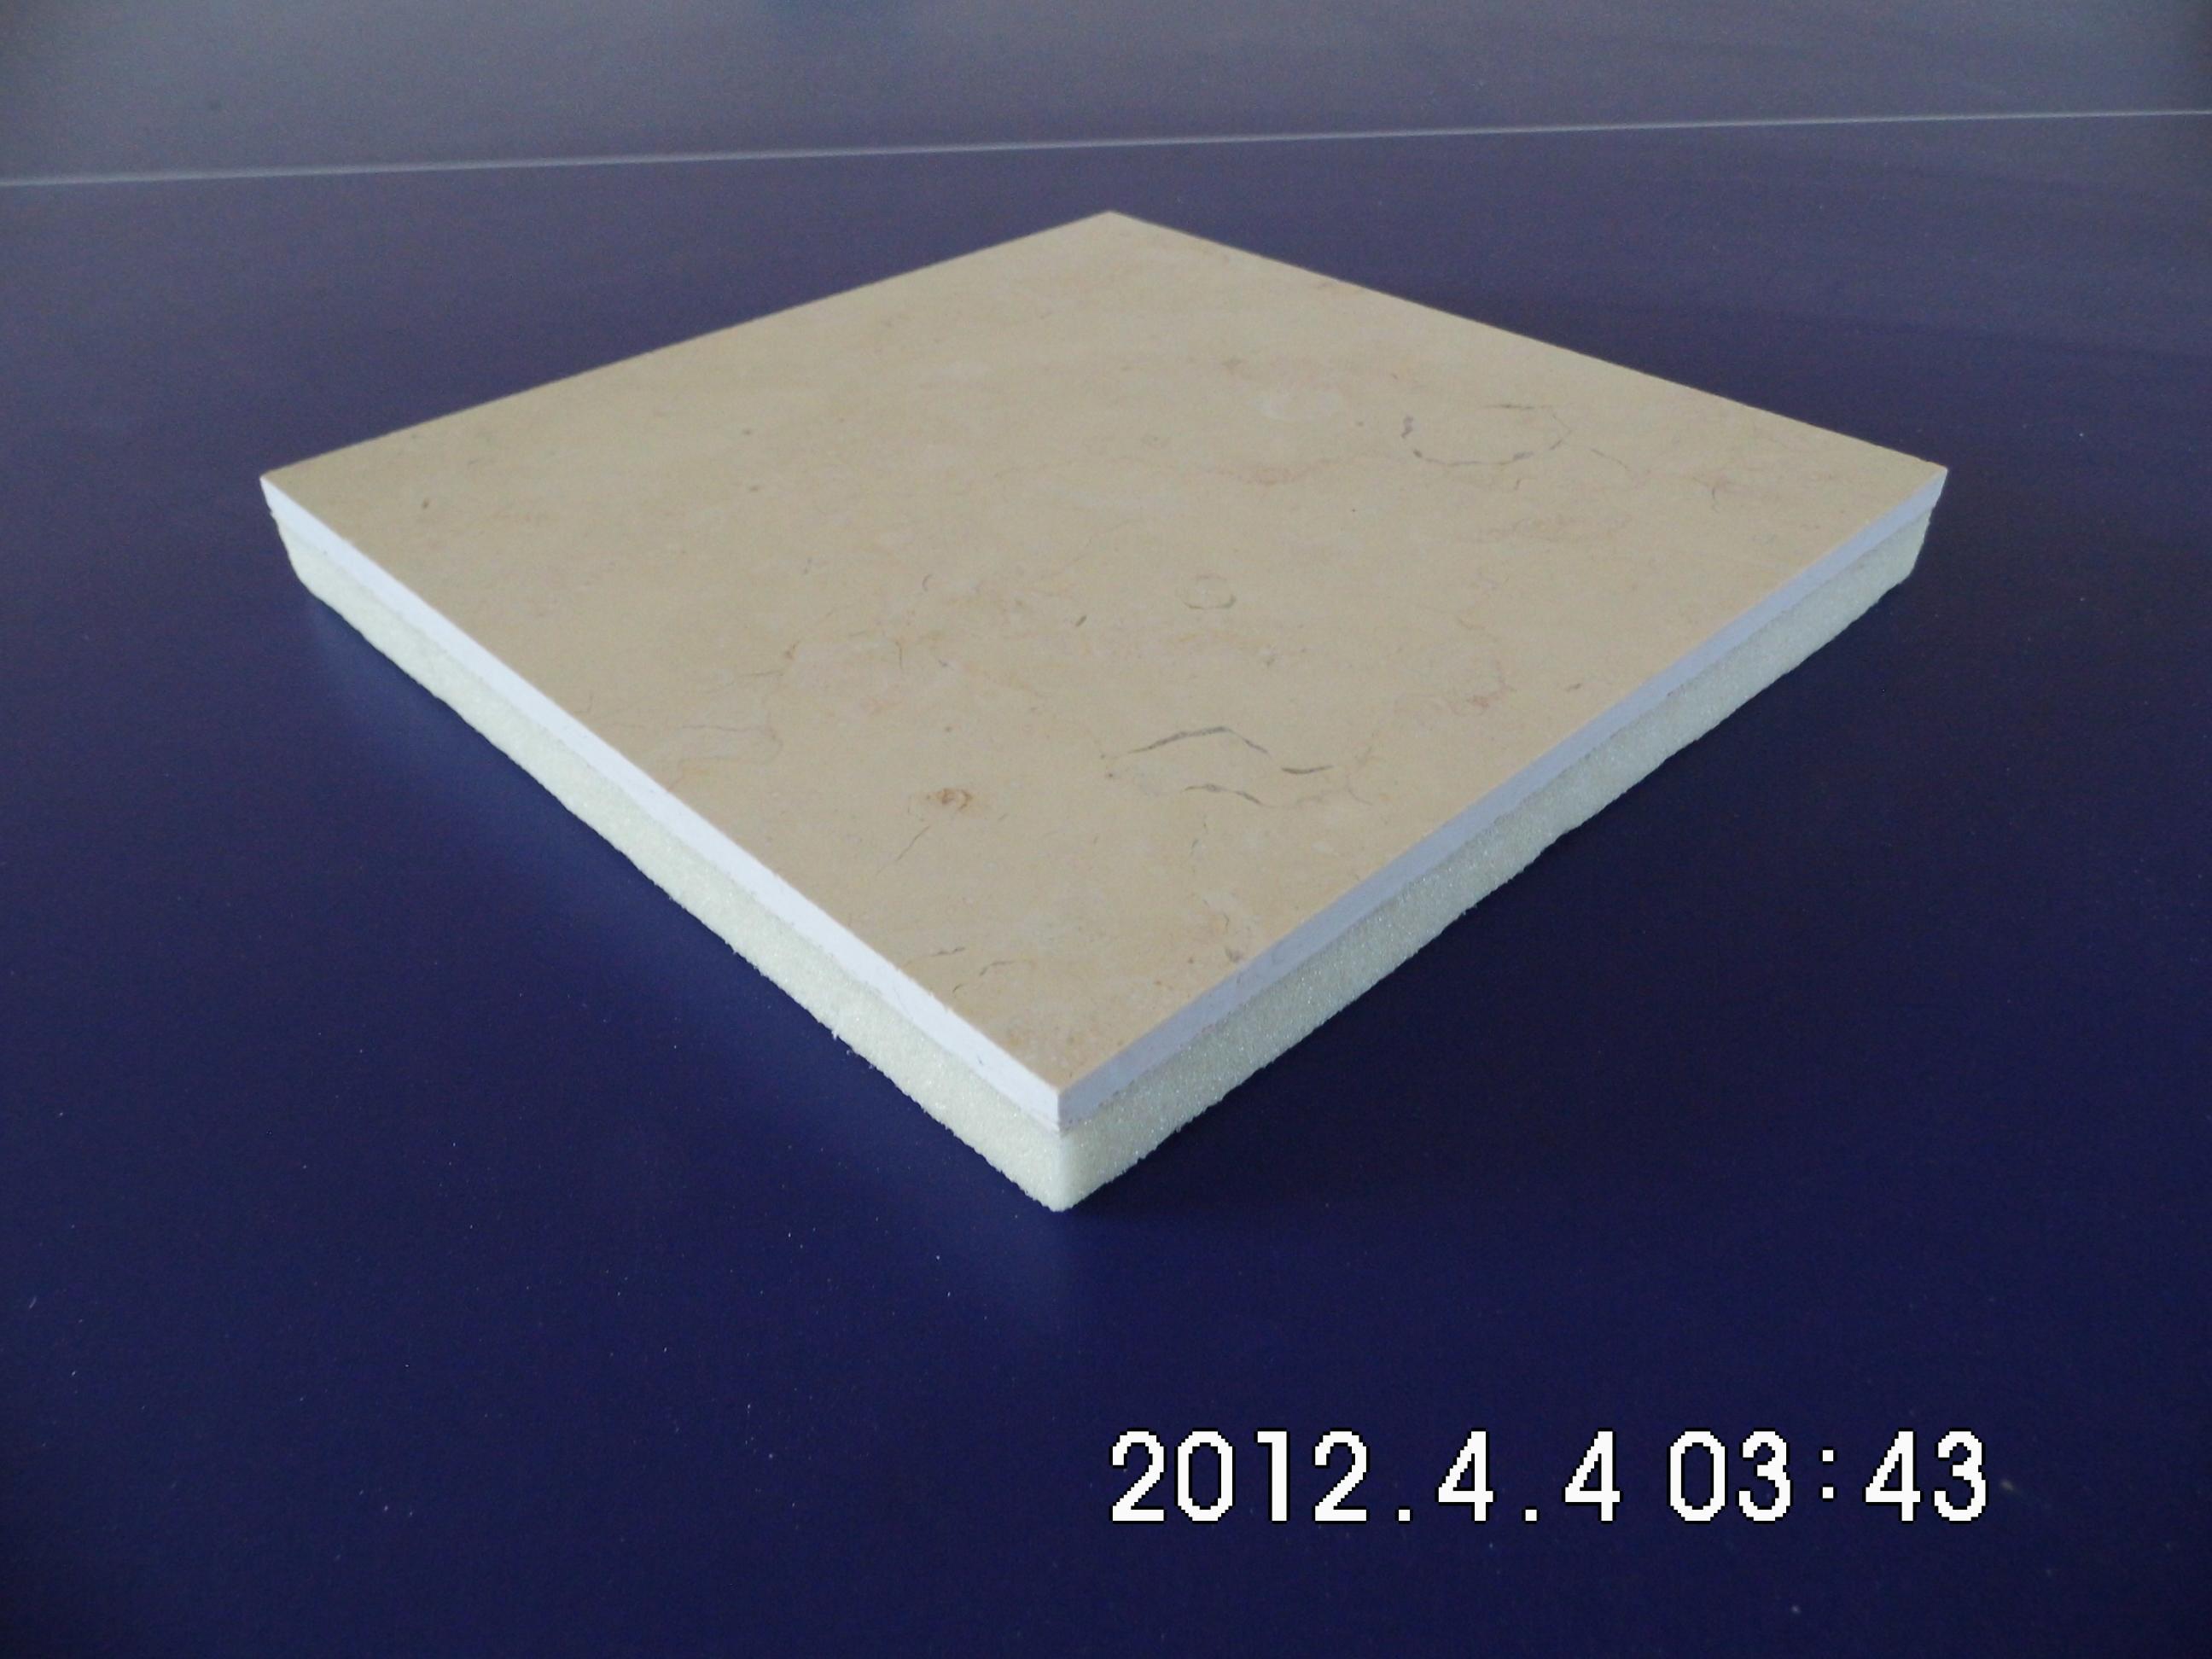 埃及米黄保温装饰一体化复合板